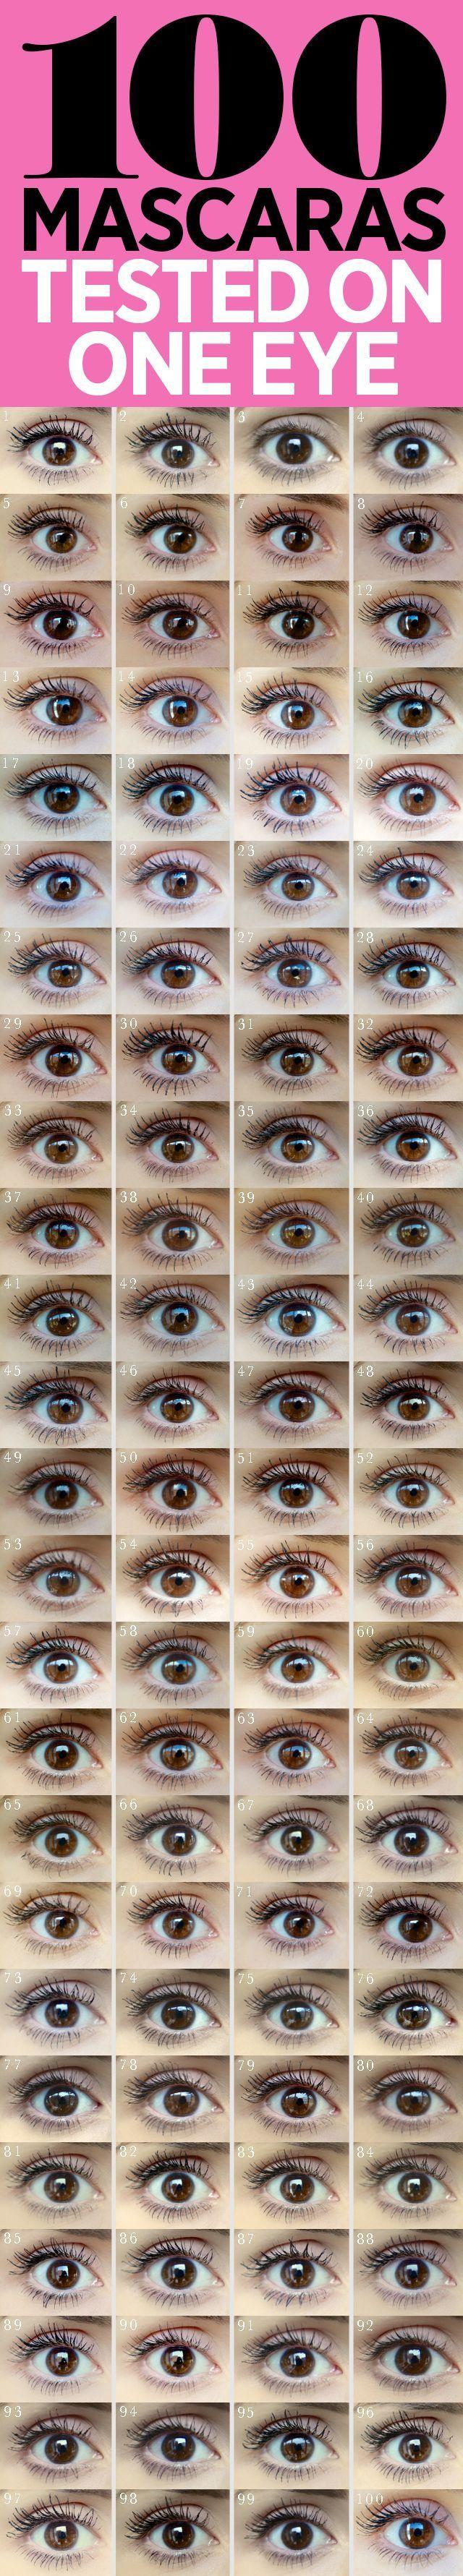 100 mascaras auf ein Auge